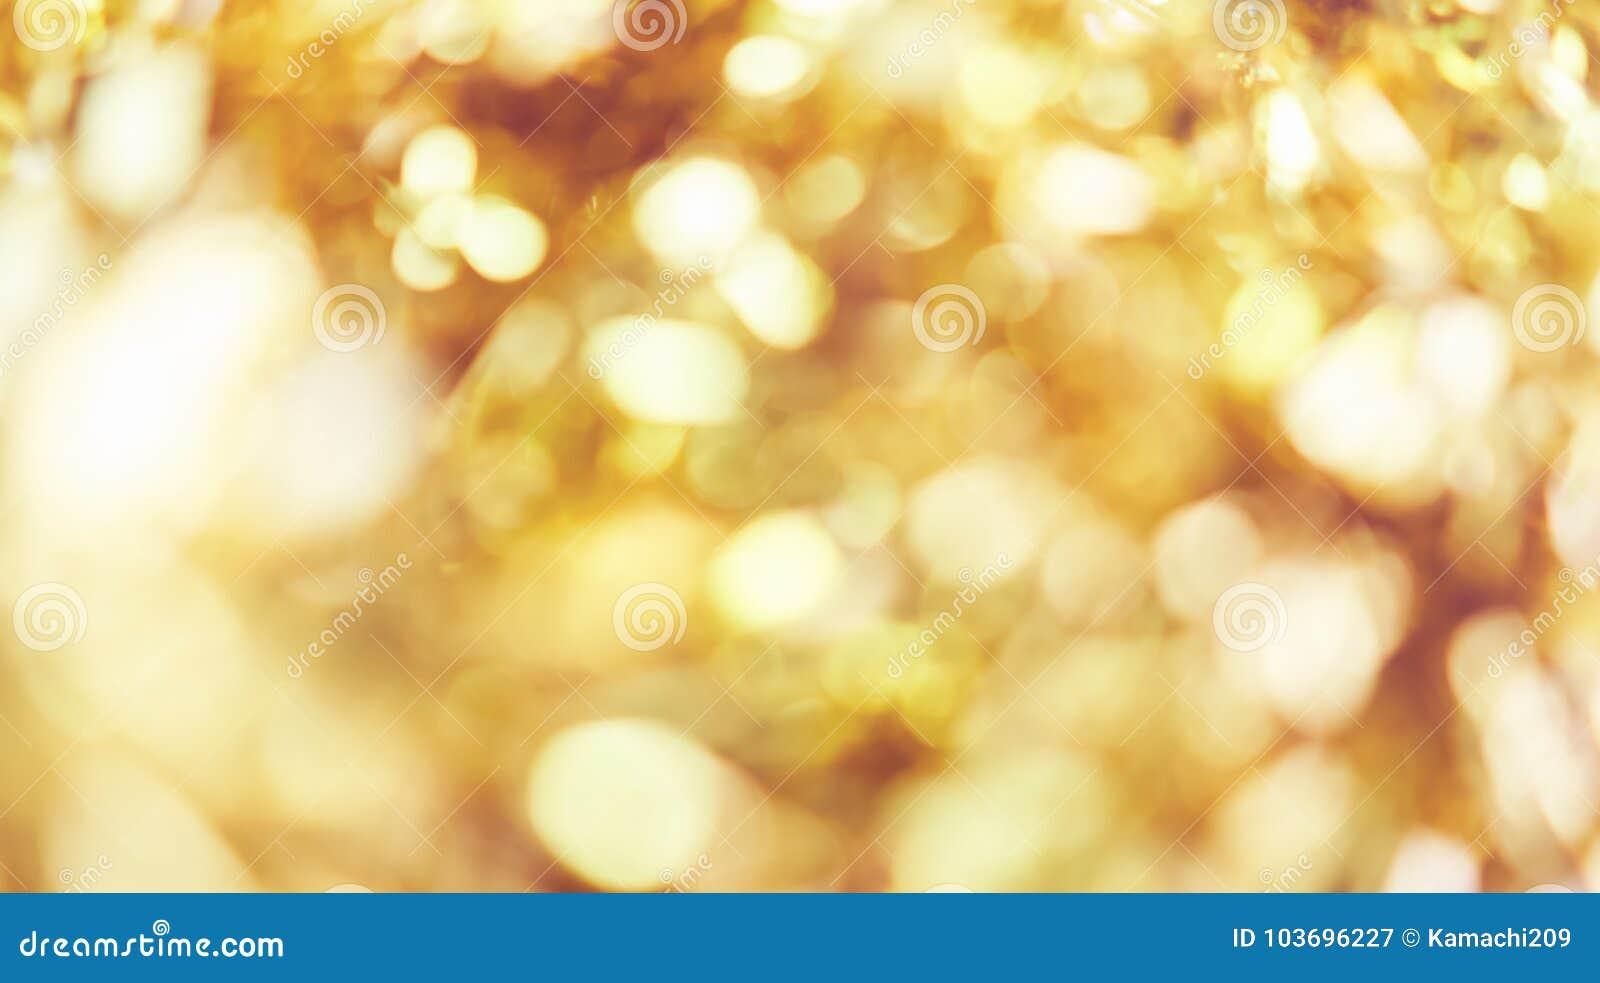 Empañe el fondo de la luz del bokeh del color oro, popular en el festival general Haga la imagen de lujo en su pedazo del trabajo